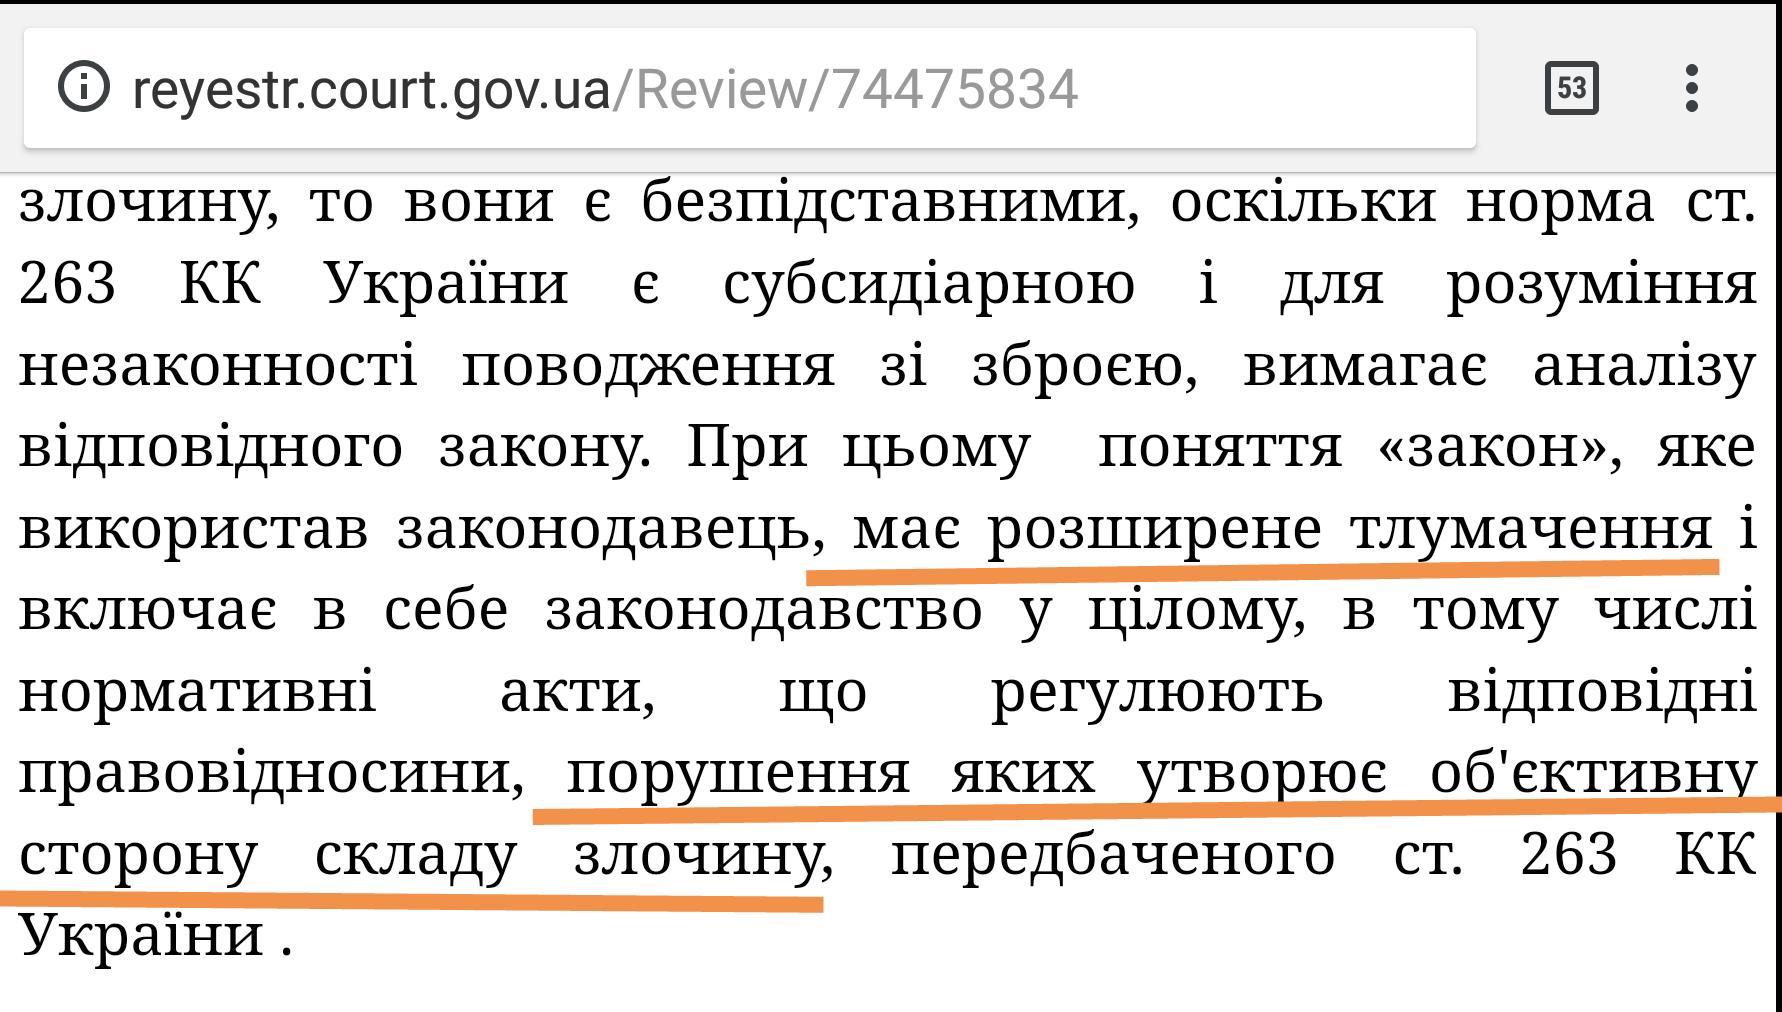 263 кк субсидіарна )